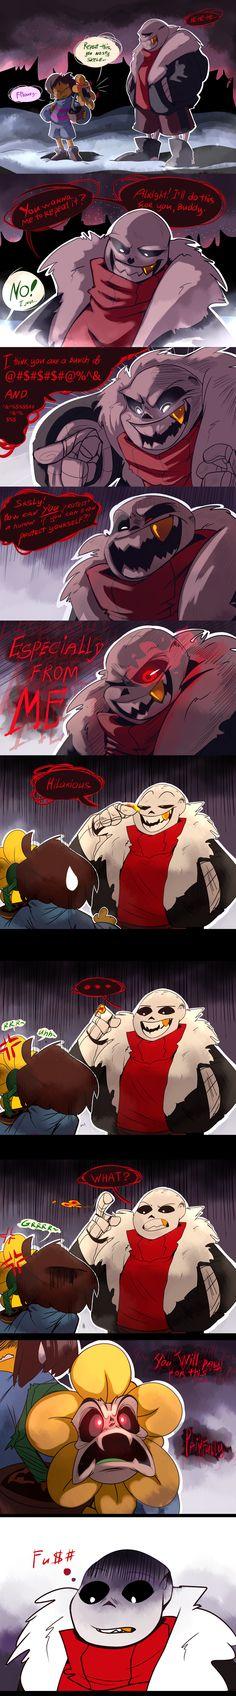 Underfell comic by KetrinPetterson94